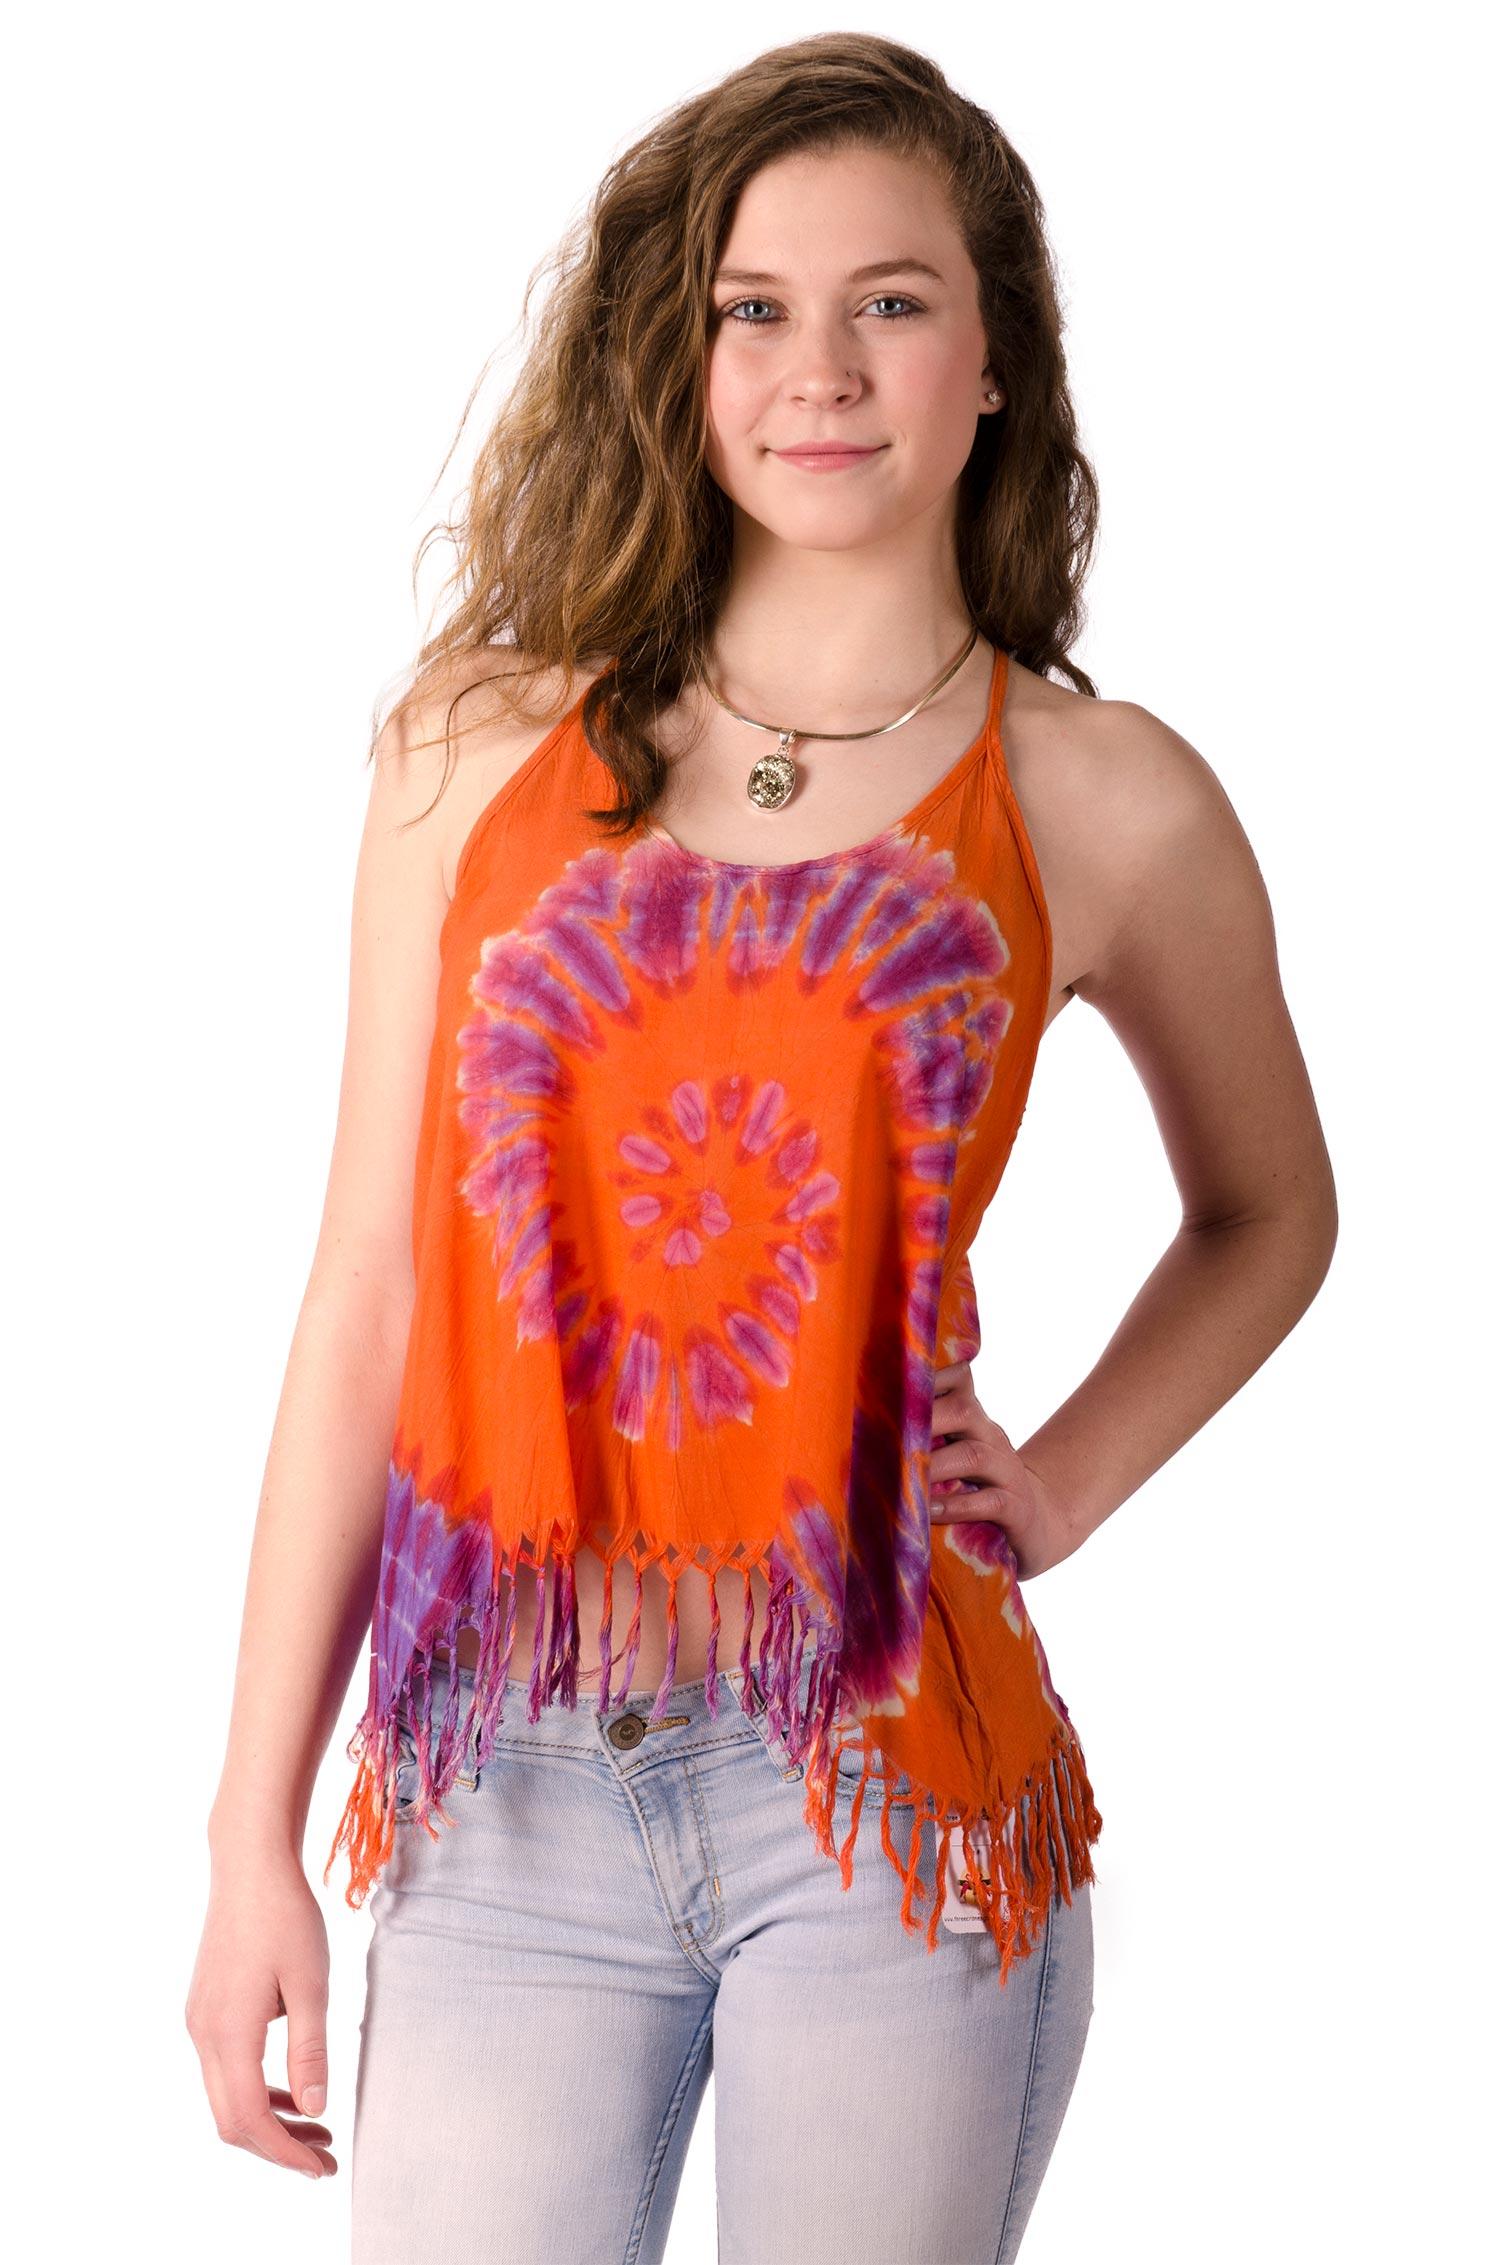 Fringed Cami Crop Top Hand Painted Tie Dye, Orange Multi